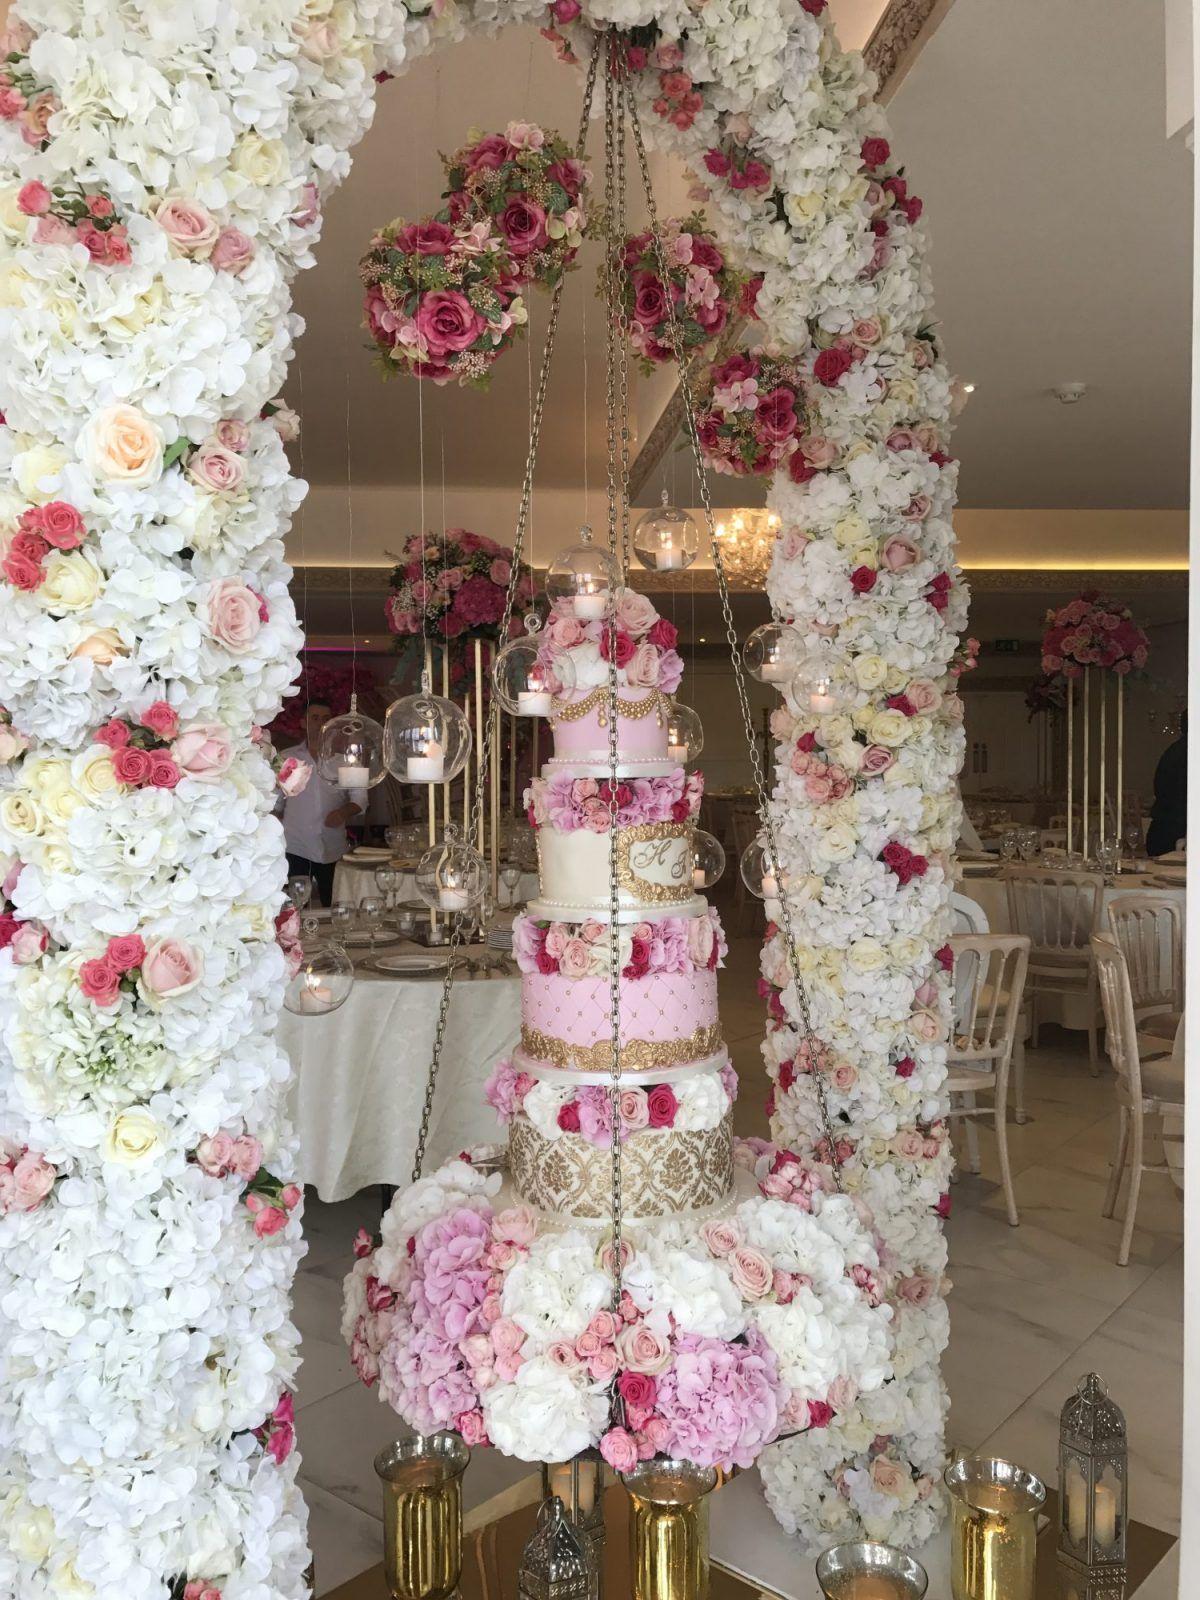 Hanging cake 2 in 2020 hanging cake suspended wedding